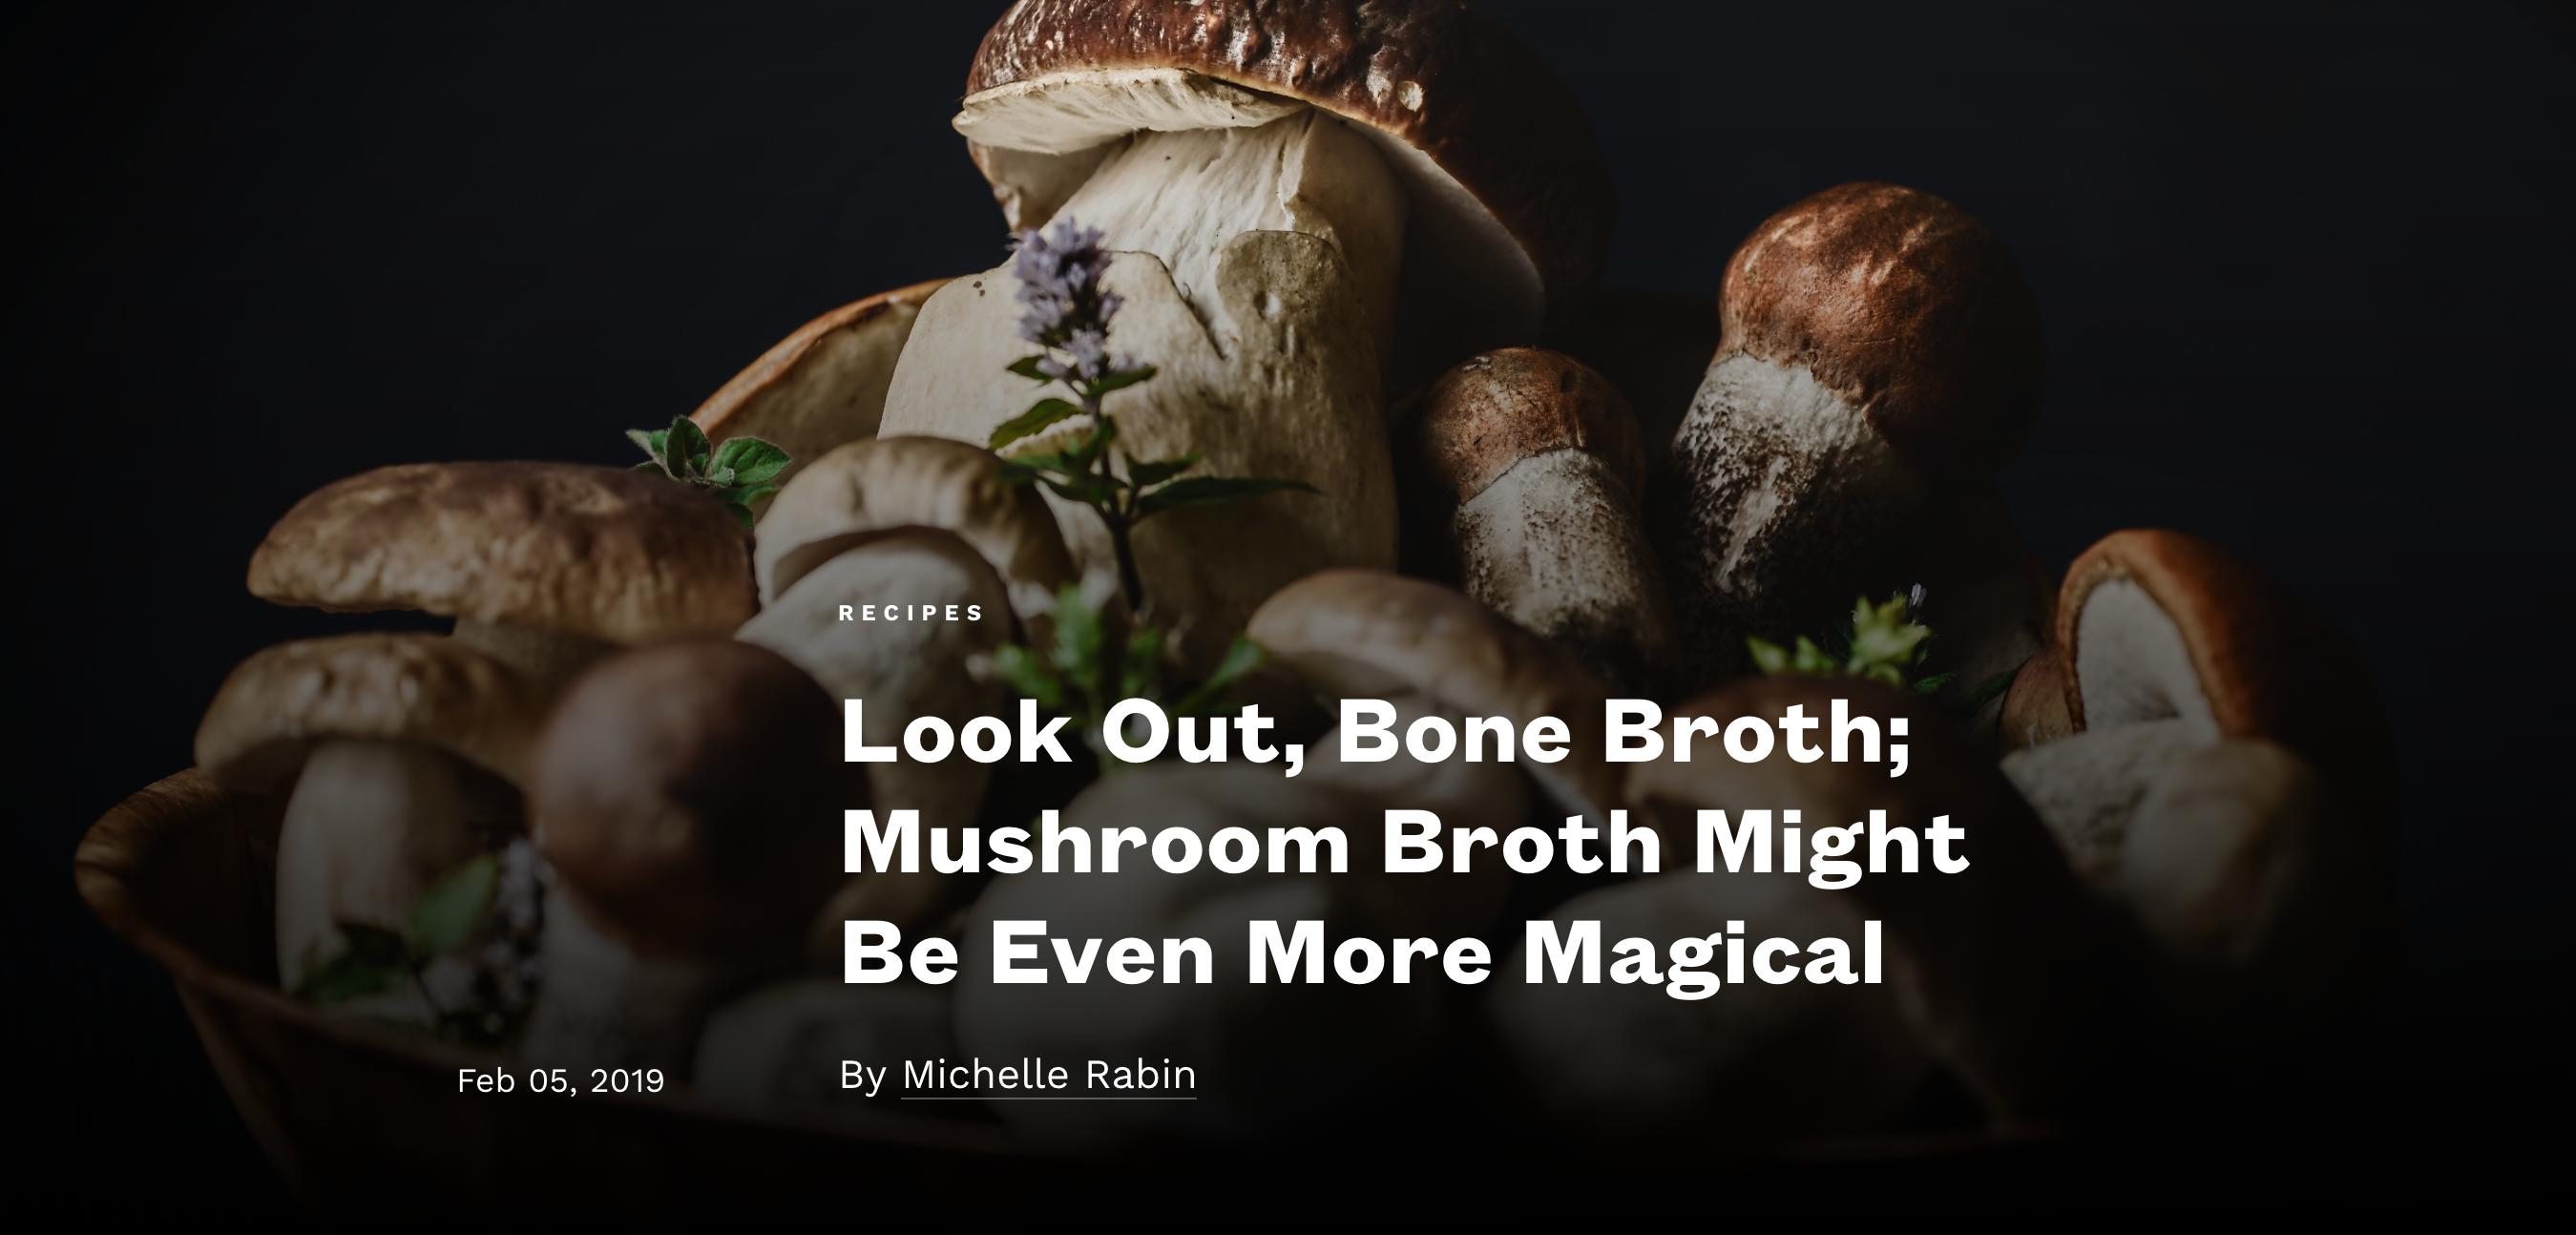 different mushrooms dark background herb flowers